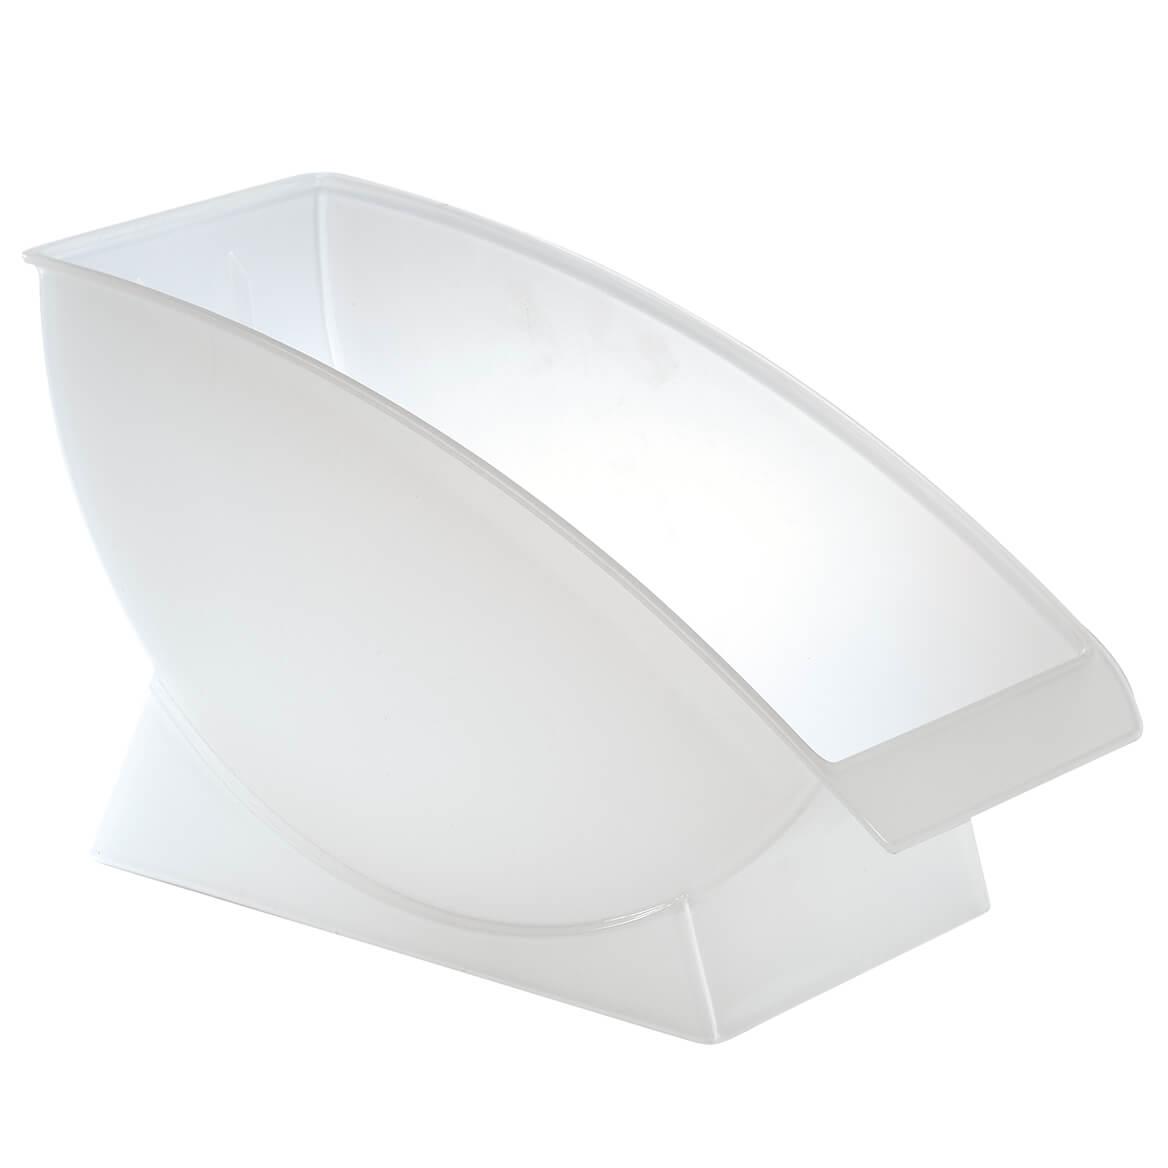 Plate Holder-371128